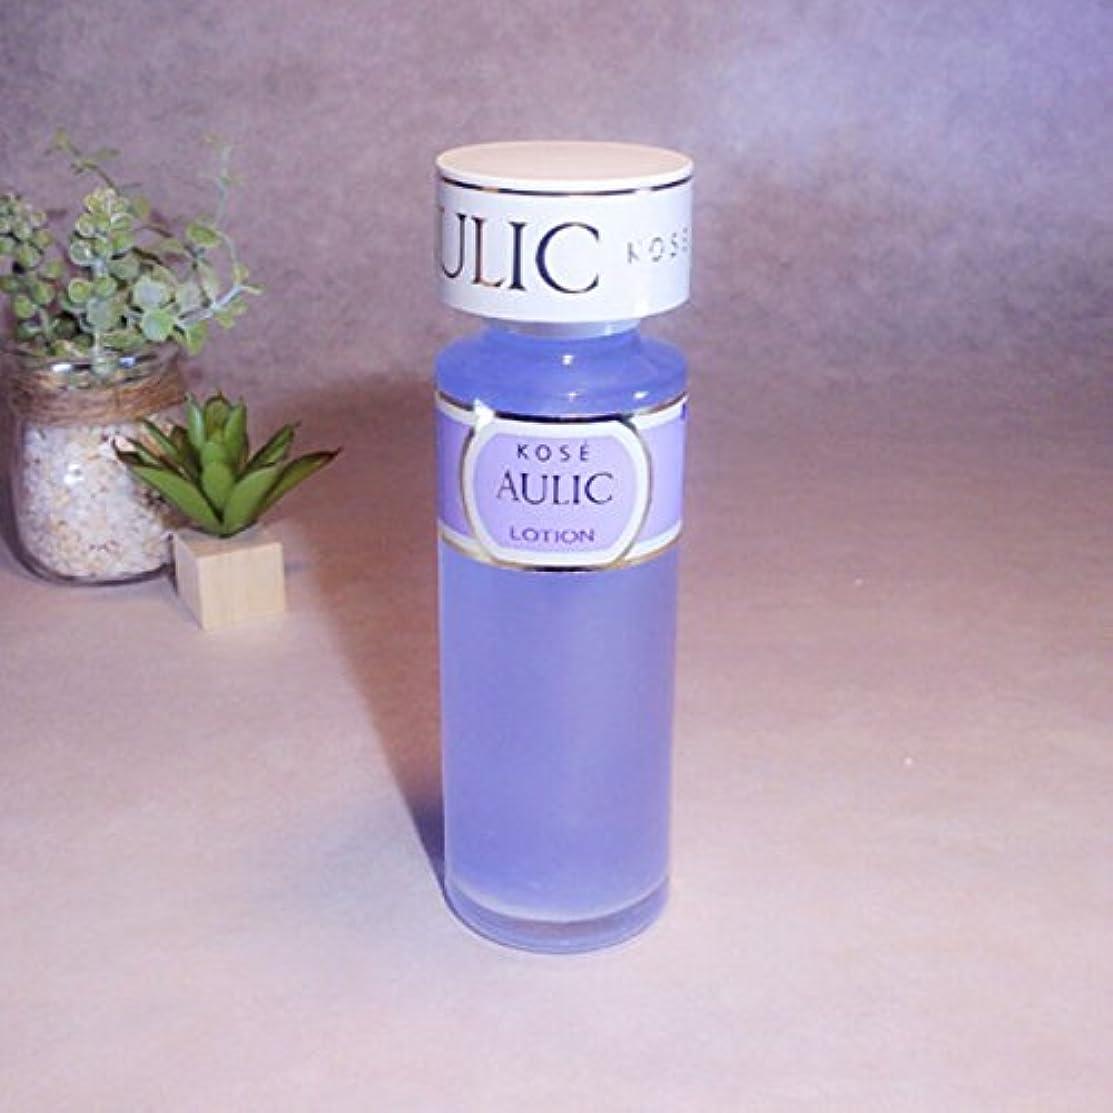 明示的にドキドキ爆風コーセー オーリック 化粧水(アレ性用) 140ml